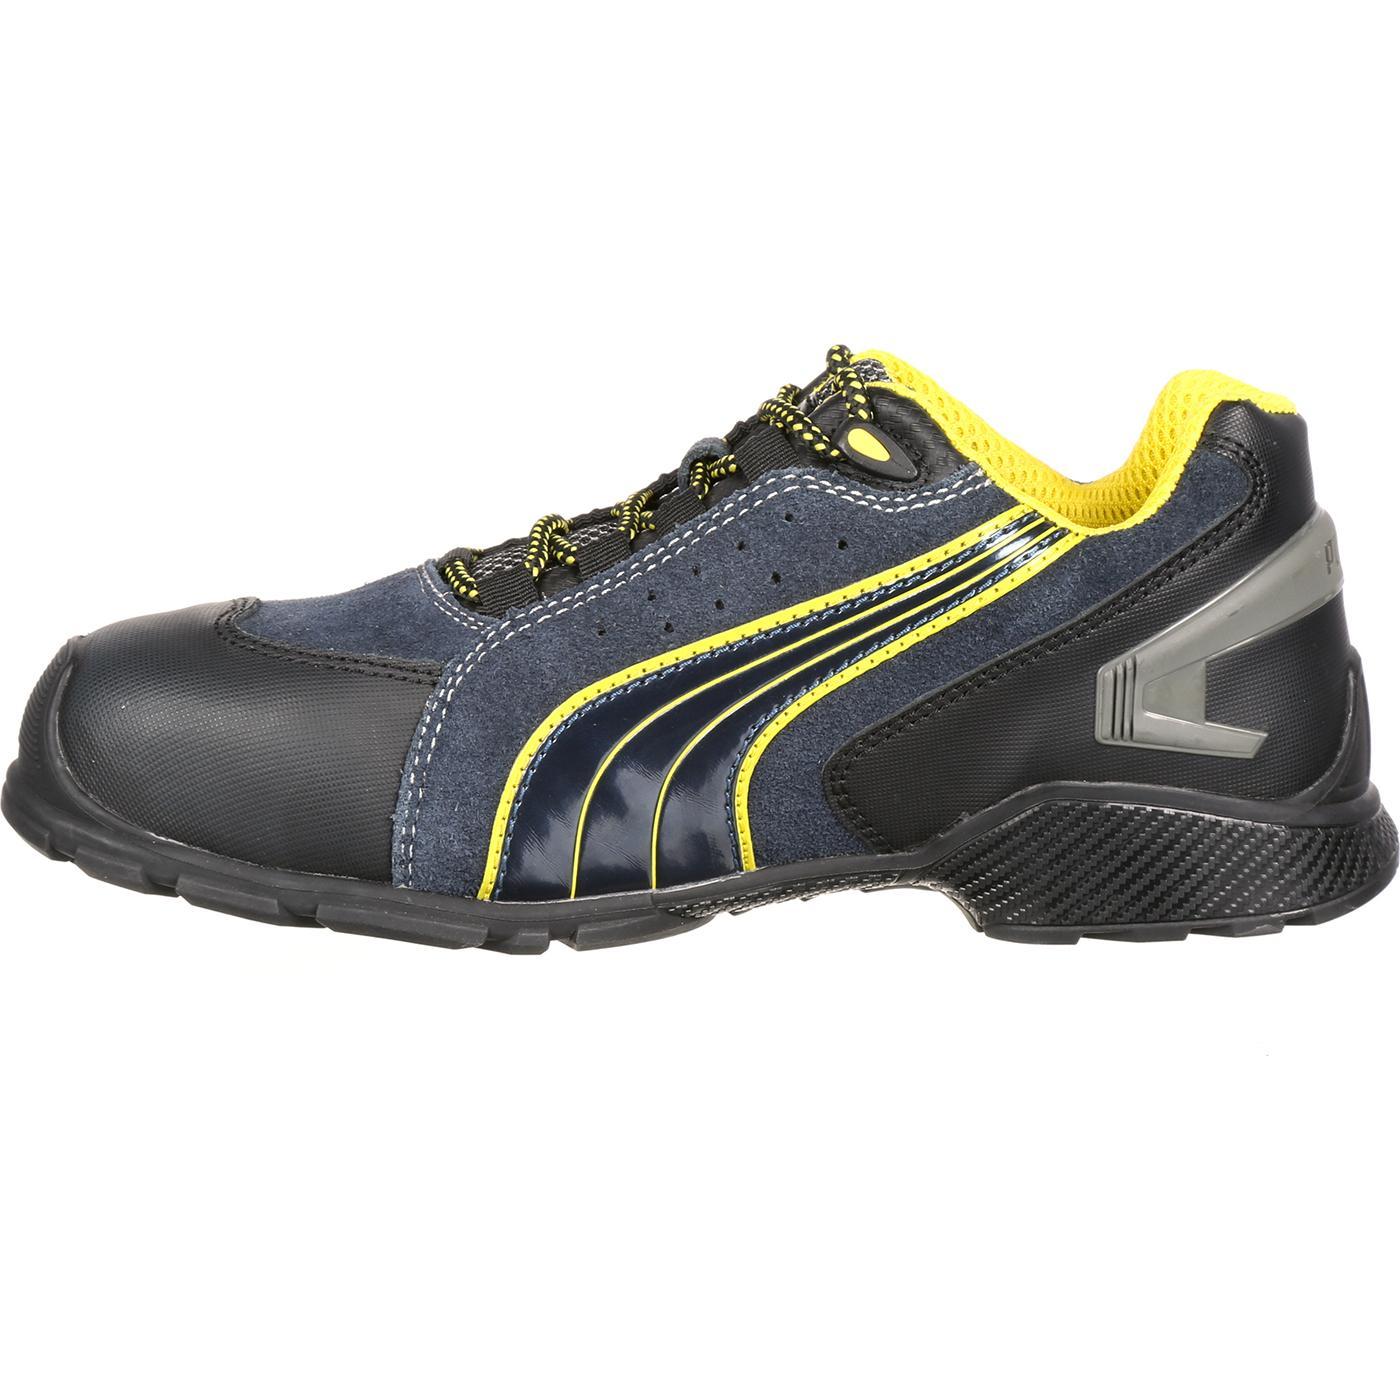 c0f1c4d7f78e82 Puma Metro Protect Rio Low Aluminum Toe Static-Dissipative Work Shoe